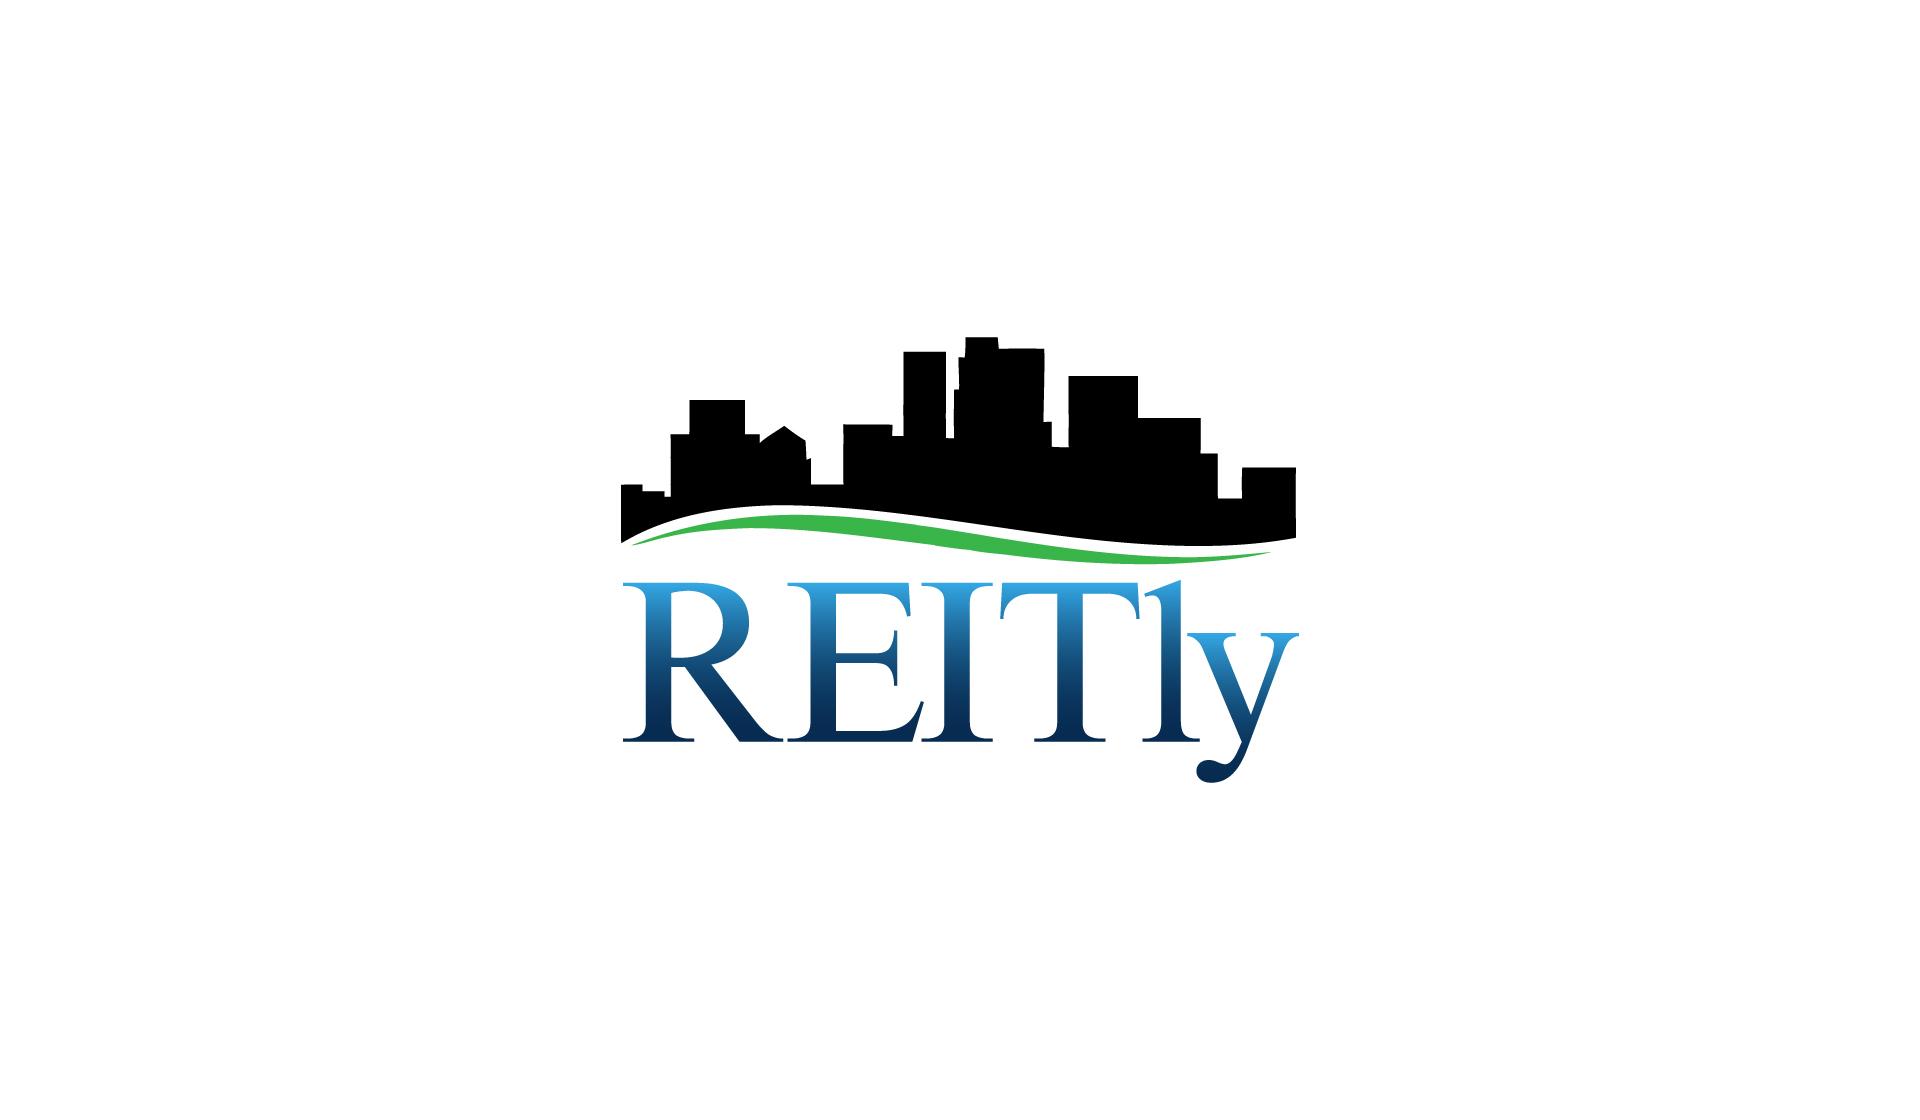 Reitly.com